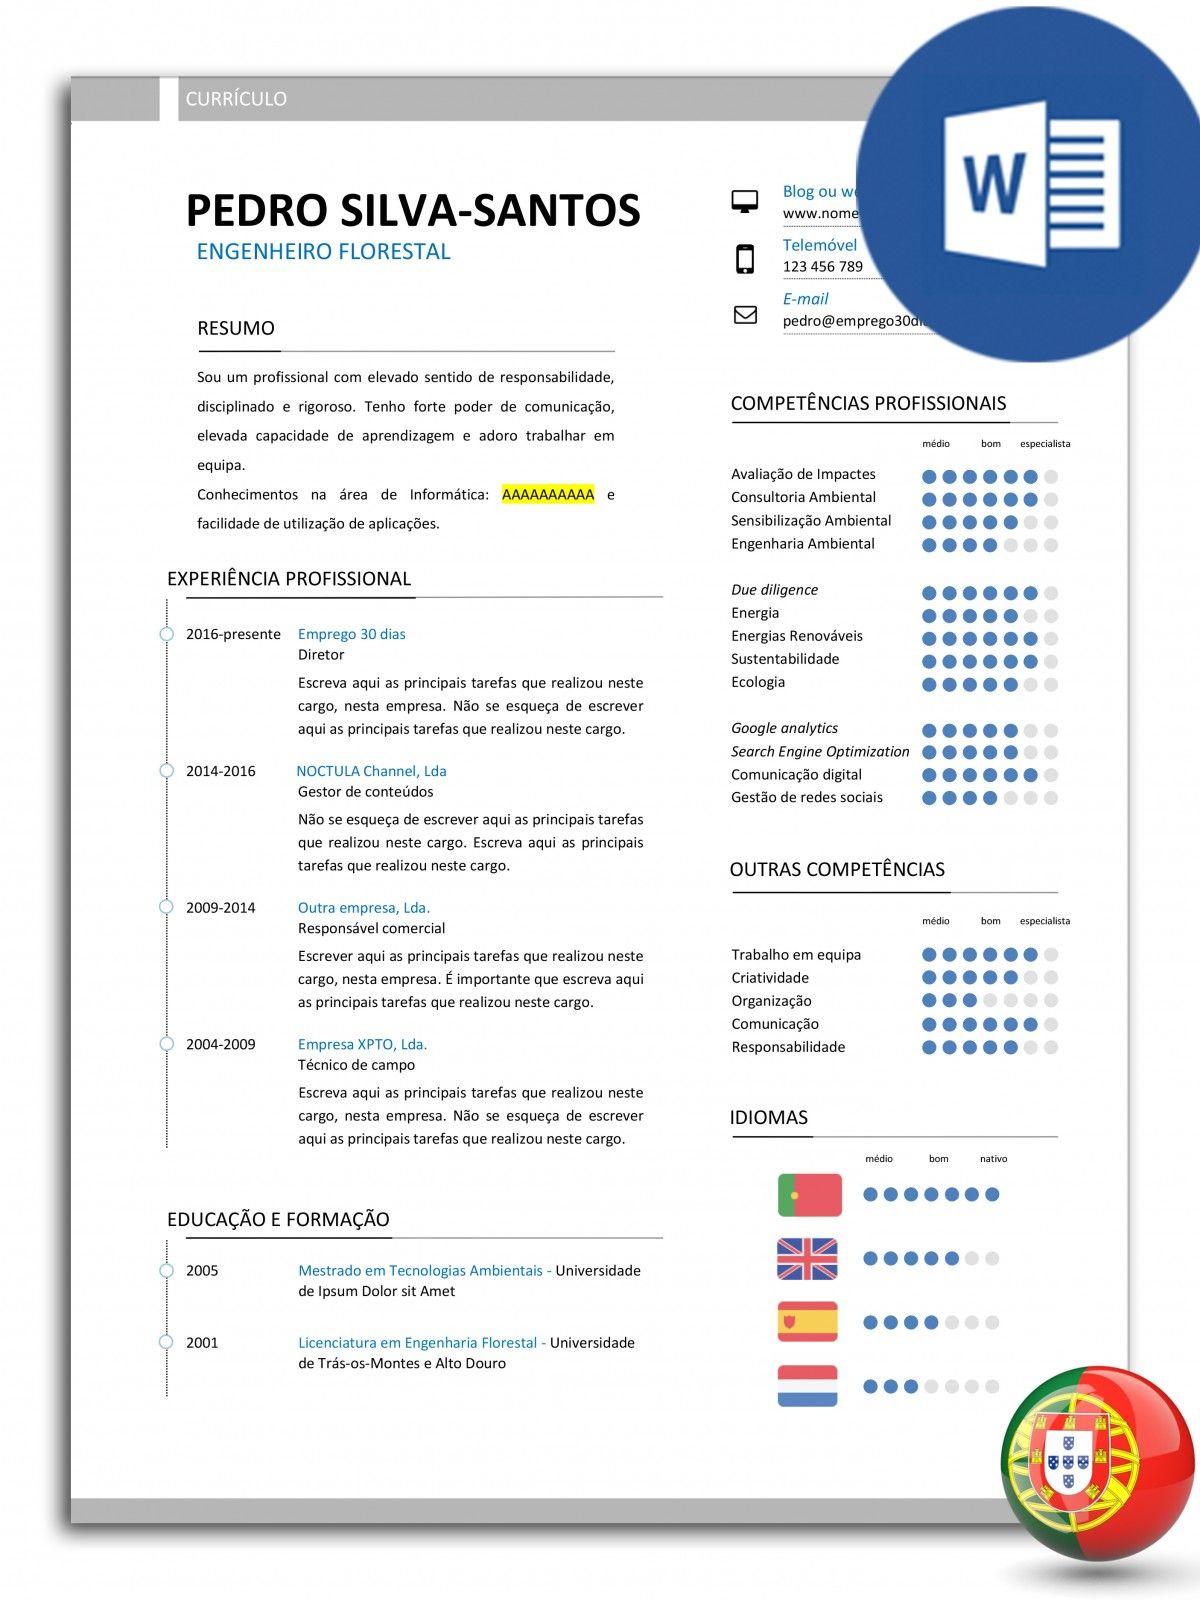 CV-PSS-E30D-006 - modelo de currículo editável com uma única página ...